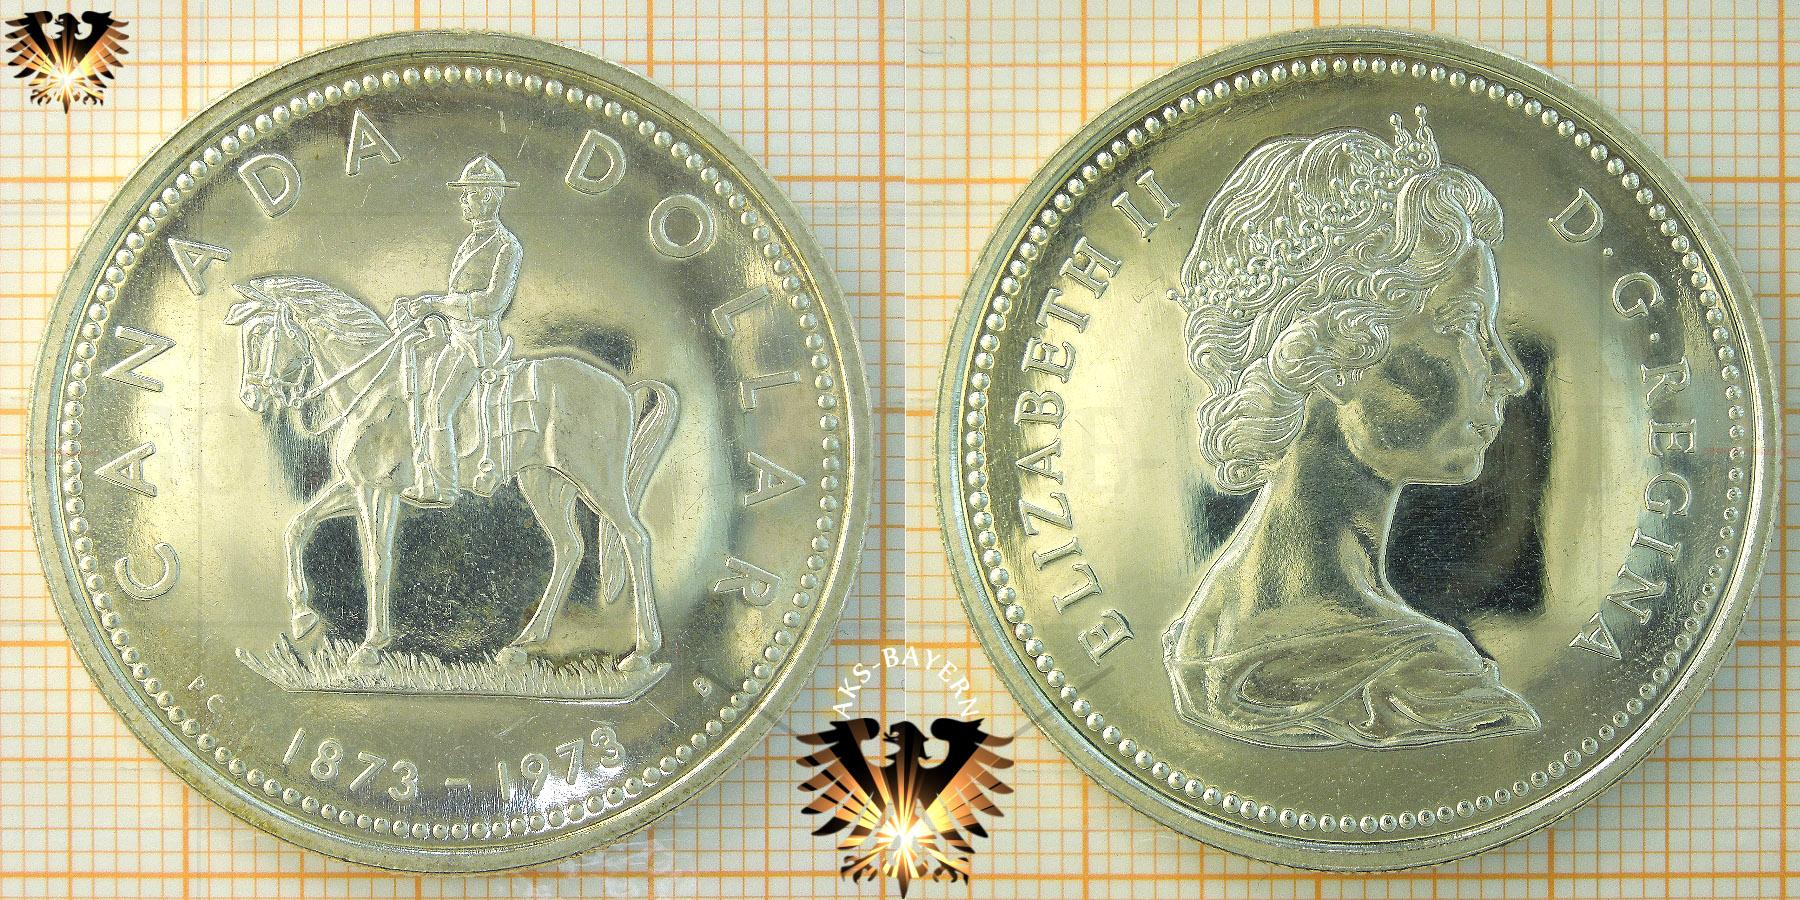 1 Dollar Canada Dollar 1973 Elizabeth Ii Mountie Centennial